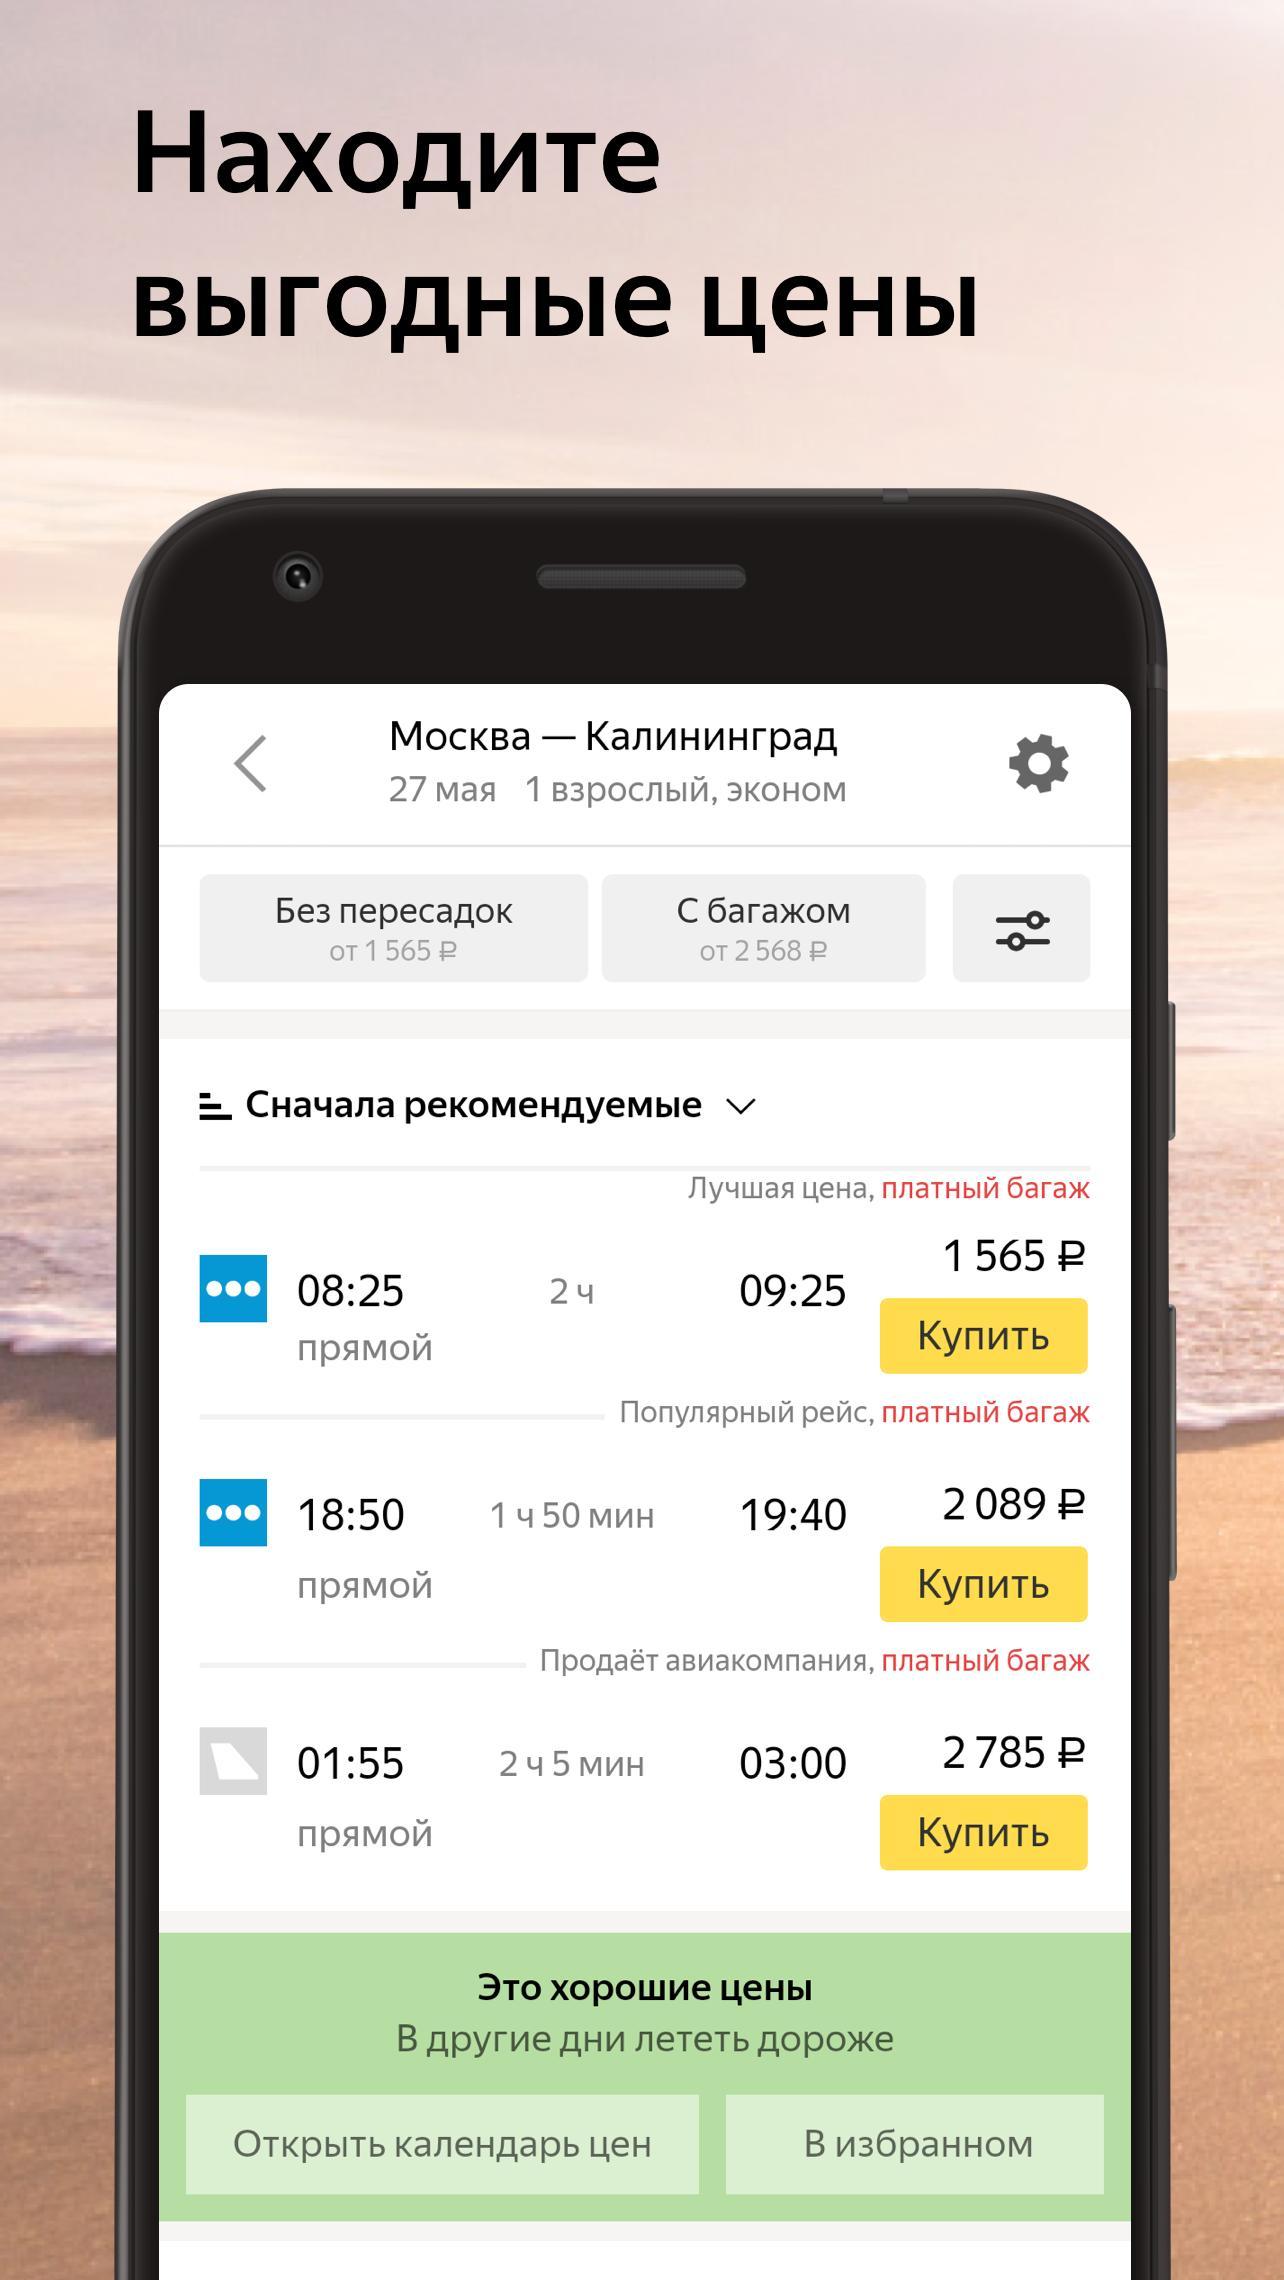 Купить авиабилет дешево онлайн яндекс забронировать билет на самолет толмачево